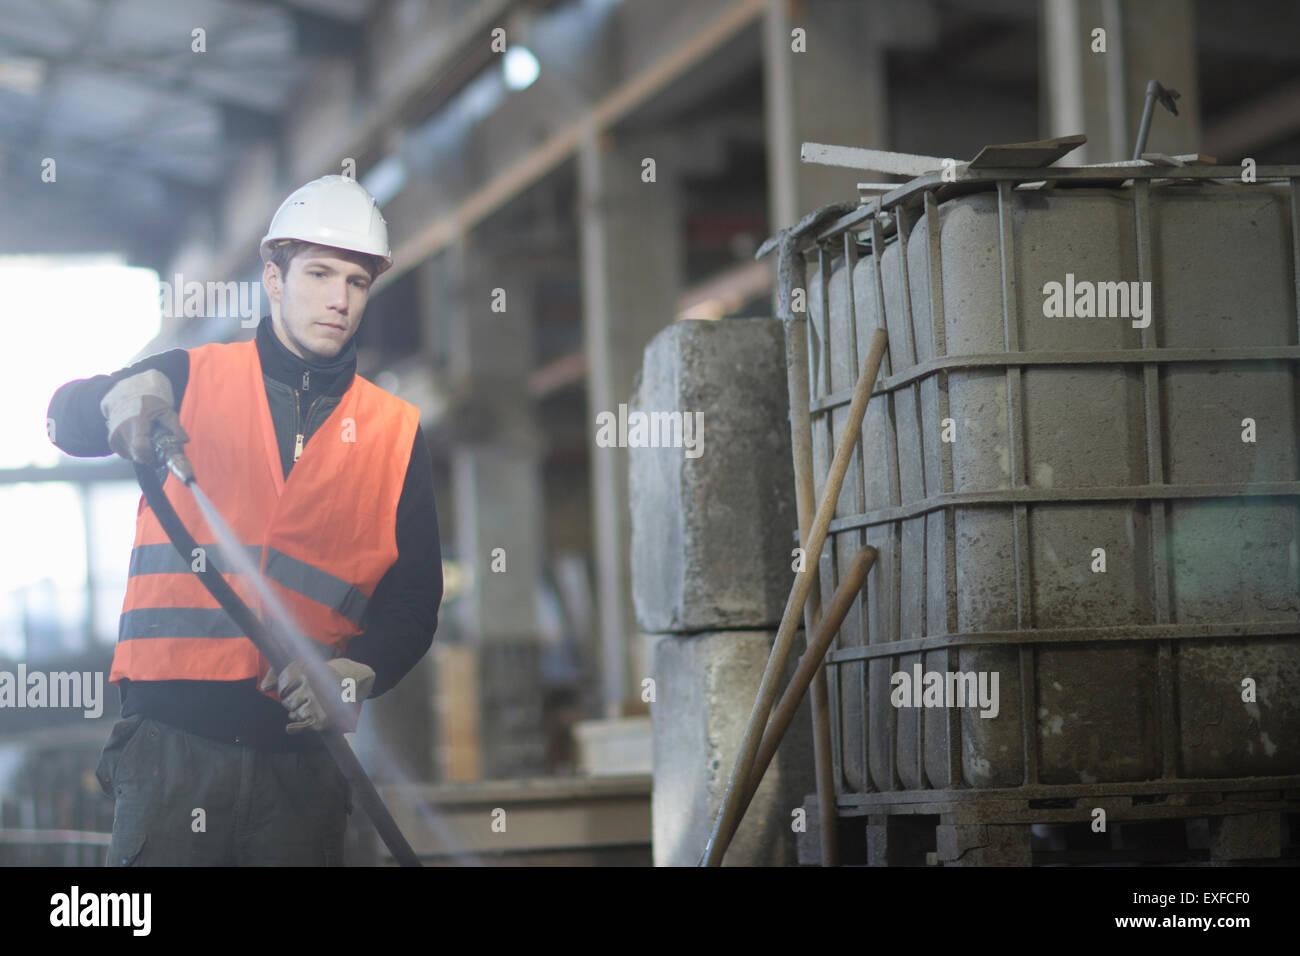 Operaio di fabbrica la pulizia con acqua tubo in calcestruzzo fabbrica di rinforzo Immagini Stock